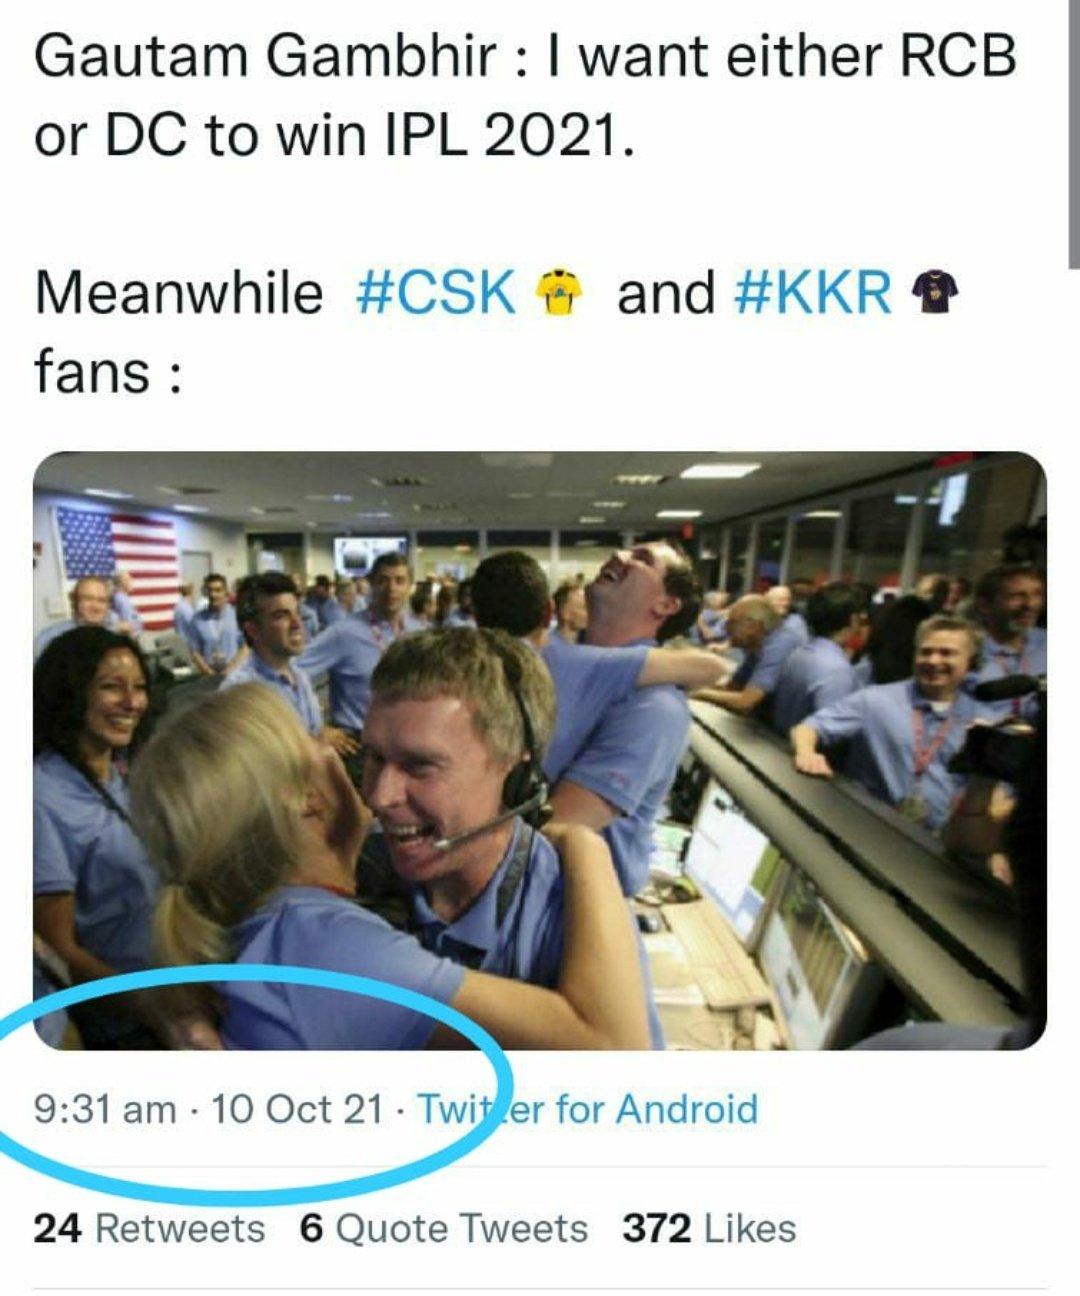 #DCvsKKR Twitter